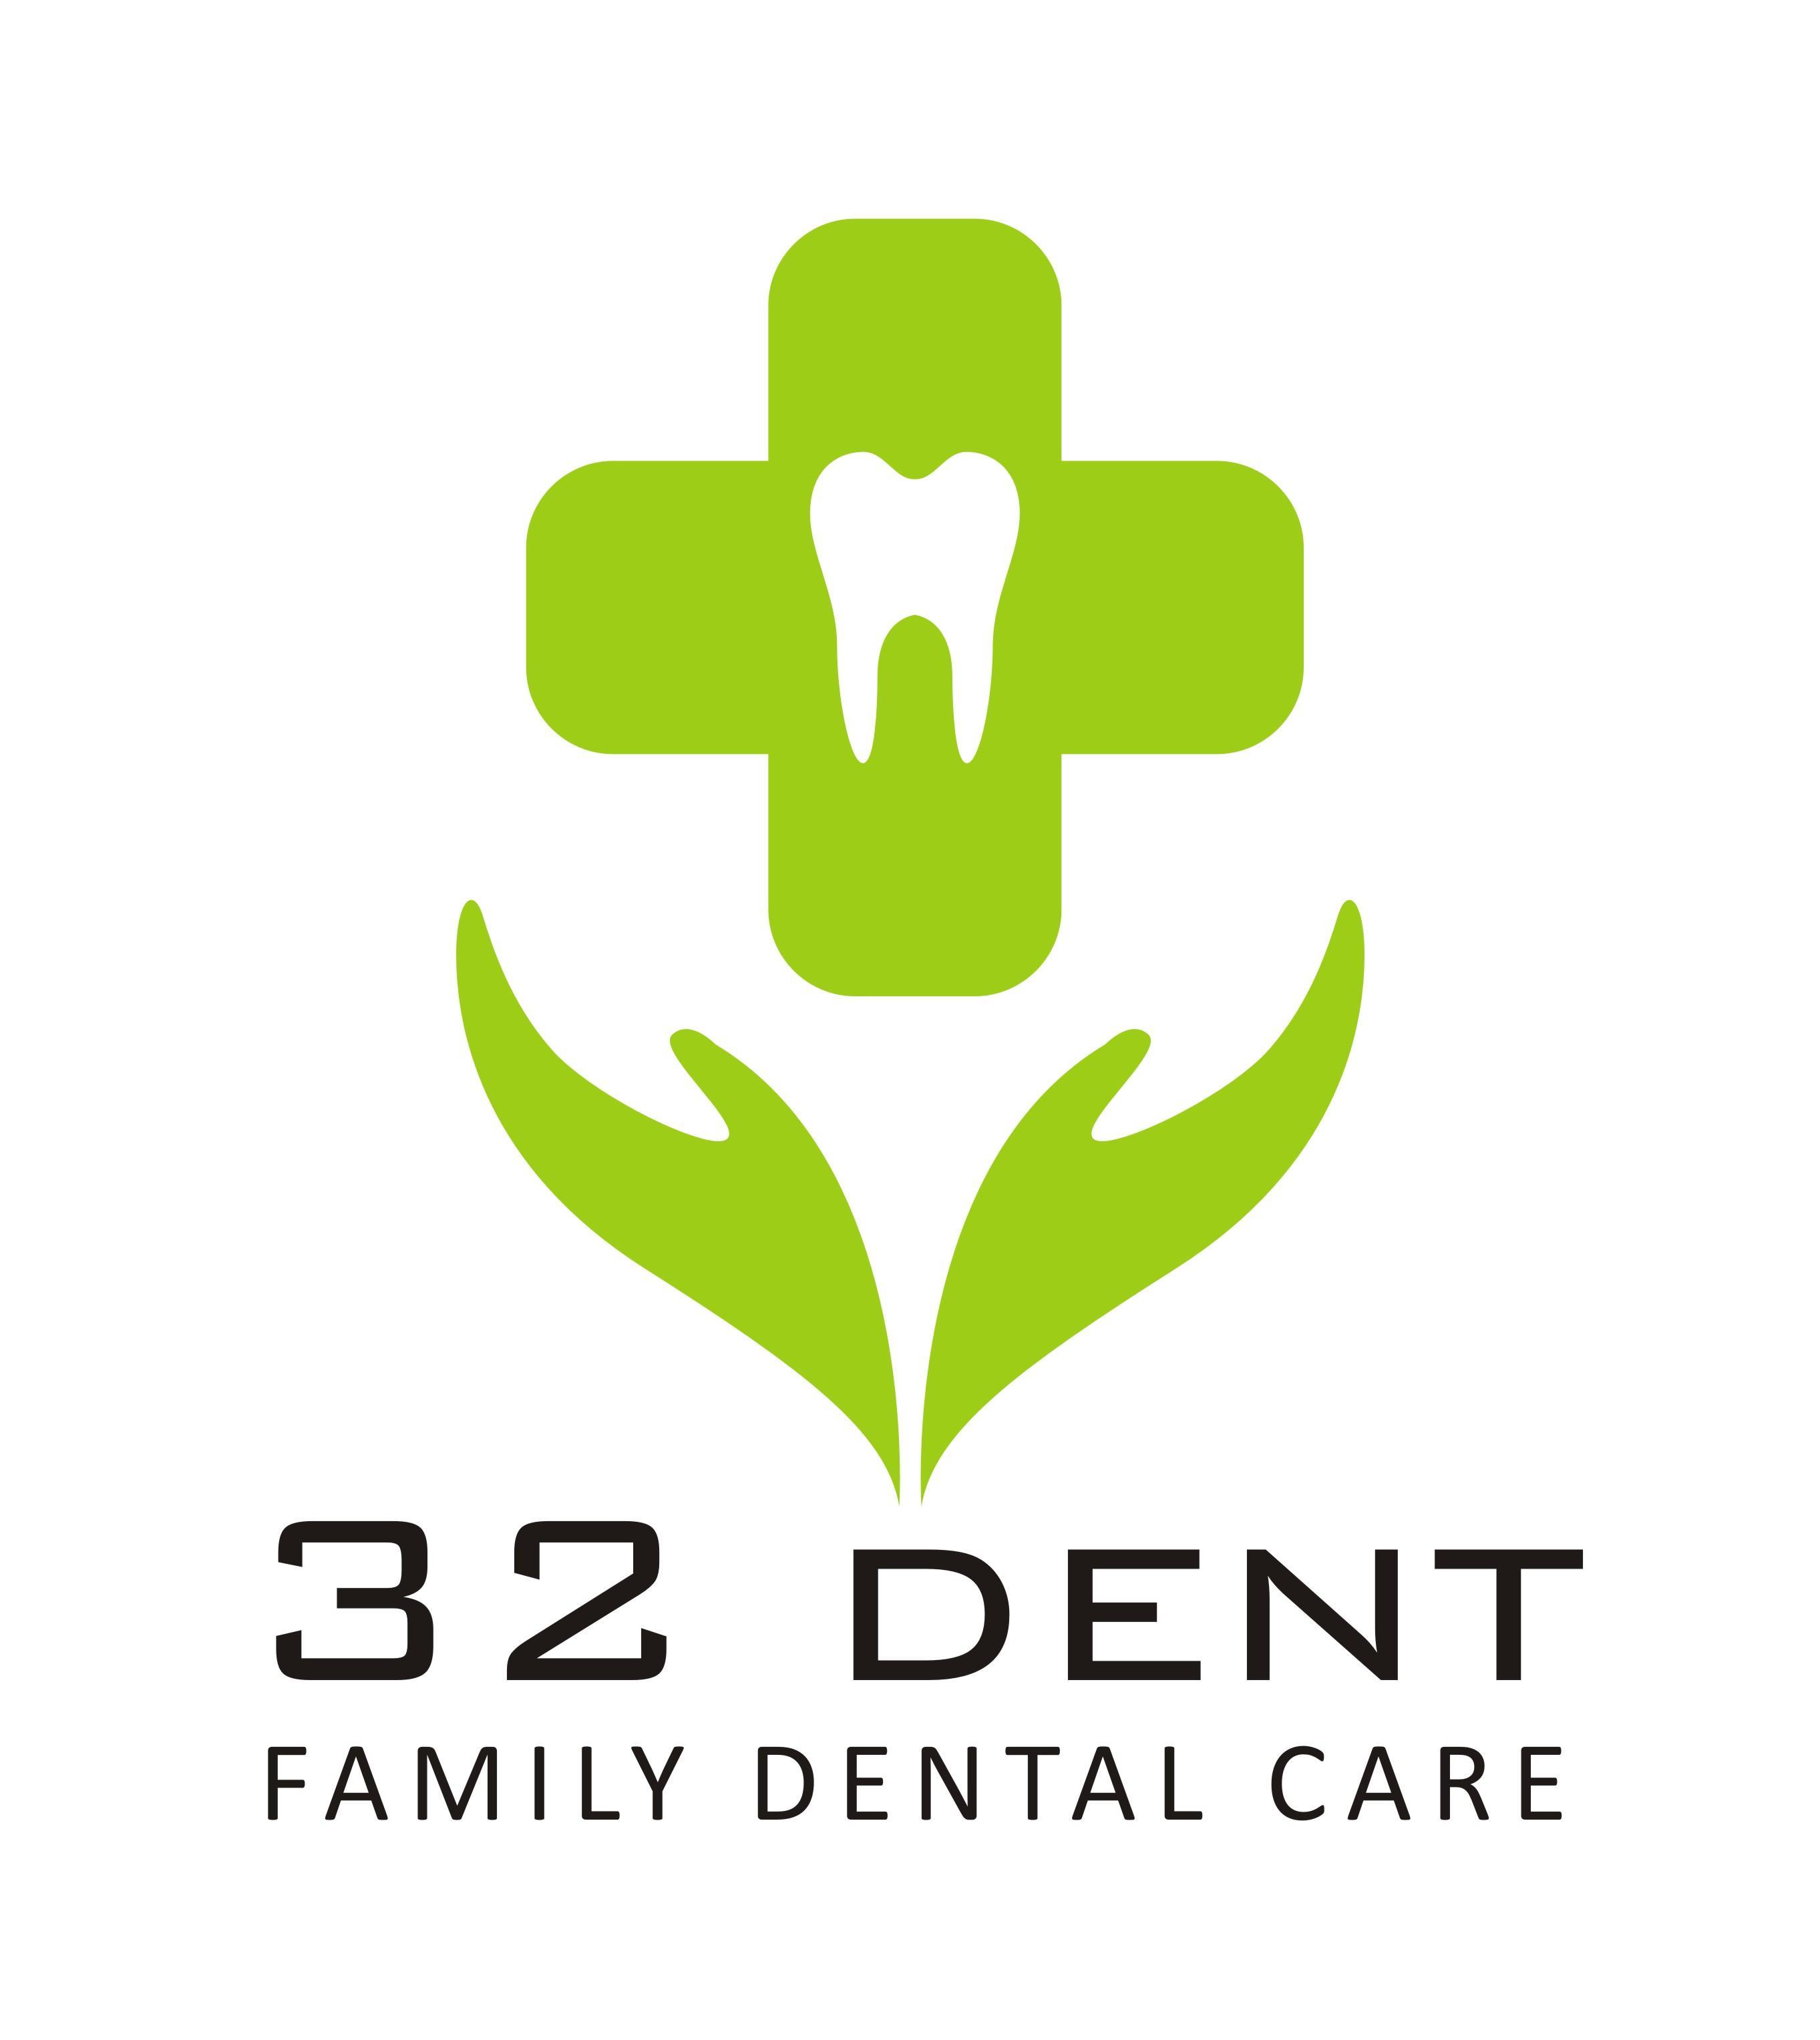 32 Family Dental Care